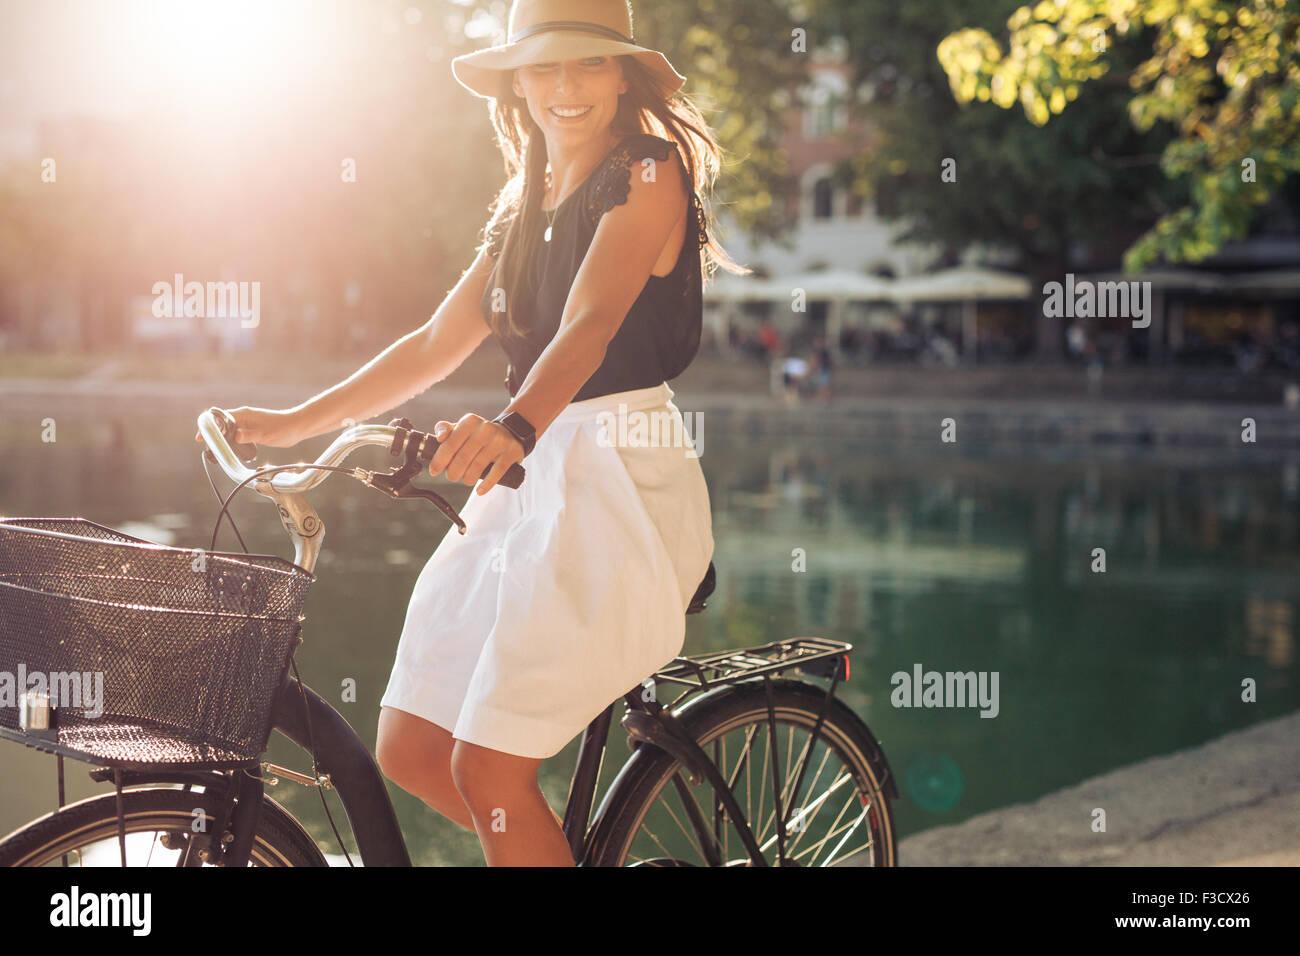 Portrait of happy young female vélo par un étang. Femme portant un chapeau un jour d'été Photo Stock